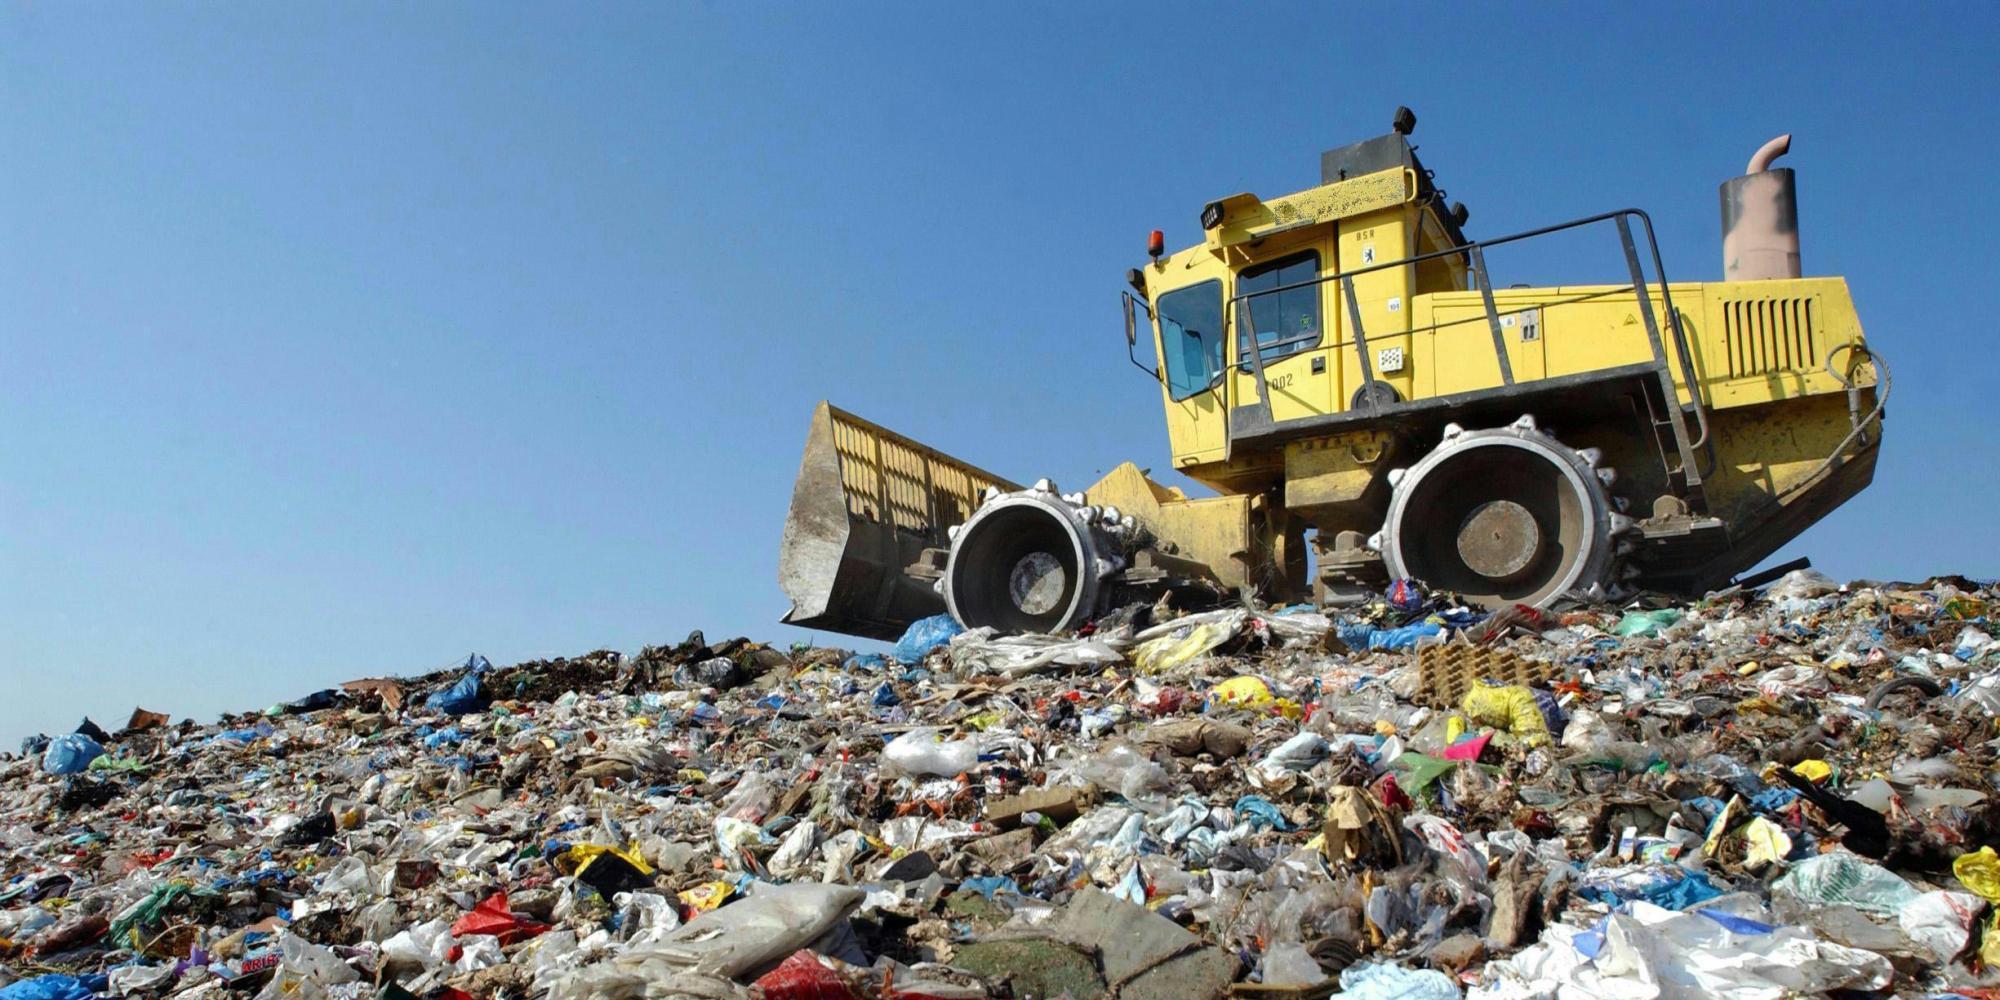 La Corte di Cassazione rinvia ai giudici UE la questione sulla classificazione dei rifiuti